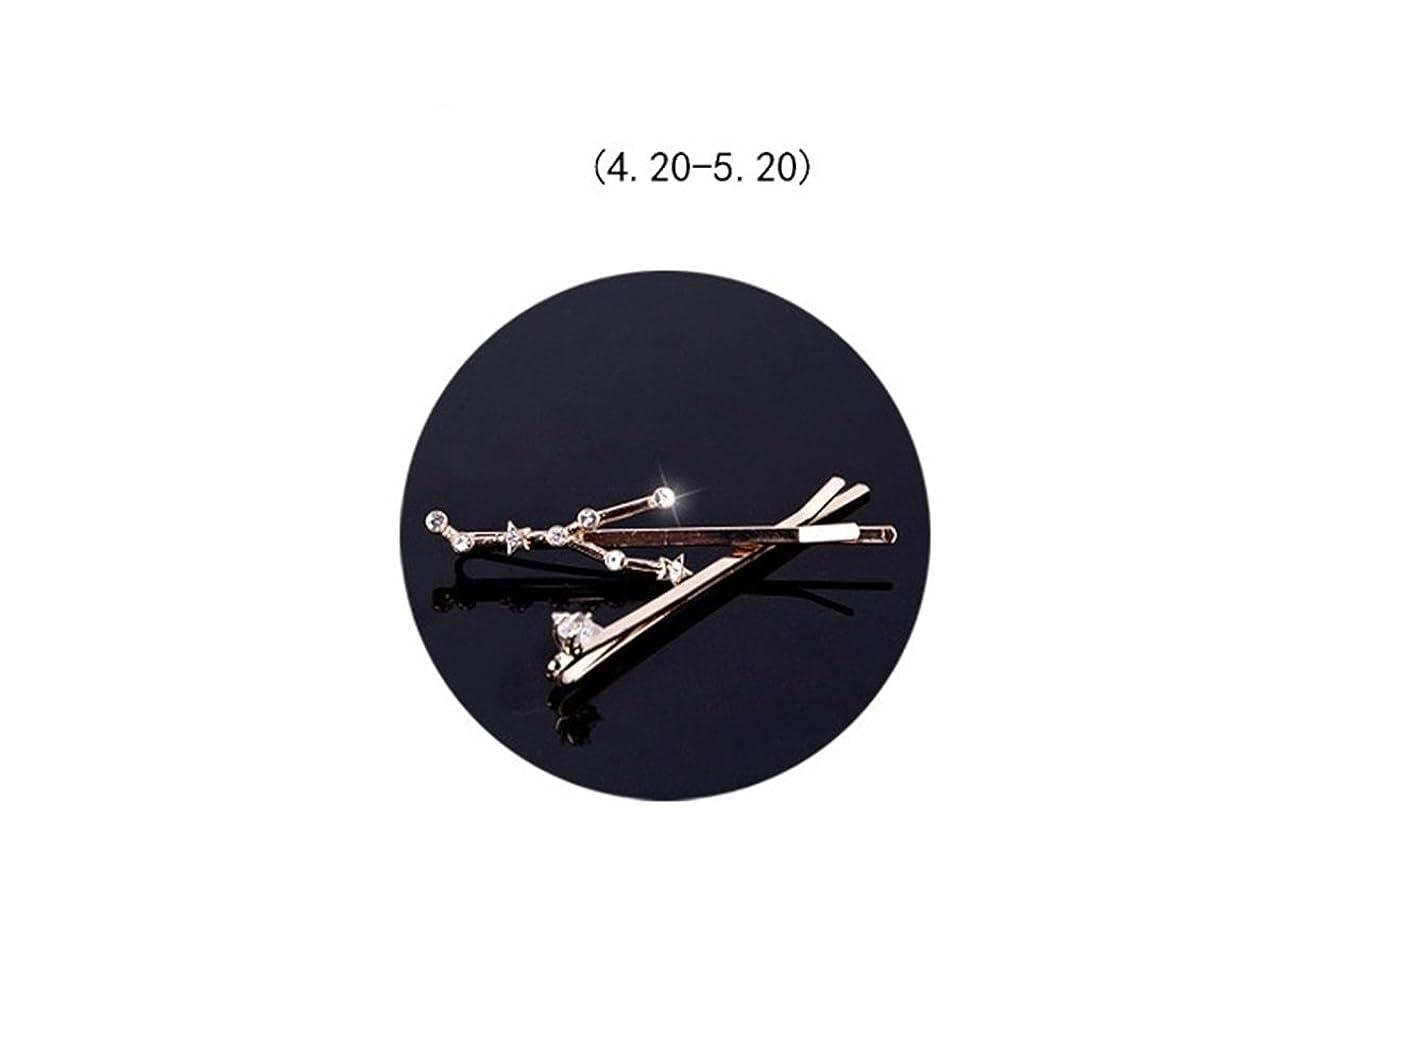 契約する交差点静かなOsize 美しいスタイル 12コンステレーションダイヤモンドジュエリーサイドクリップヘアピンヘアクリップセット(おうし座)